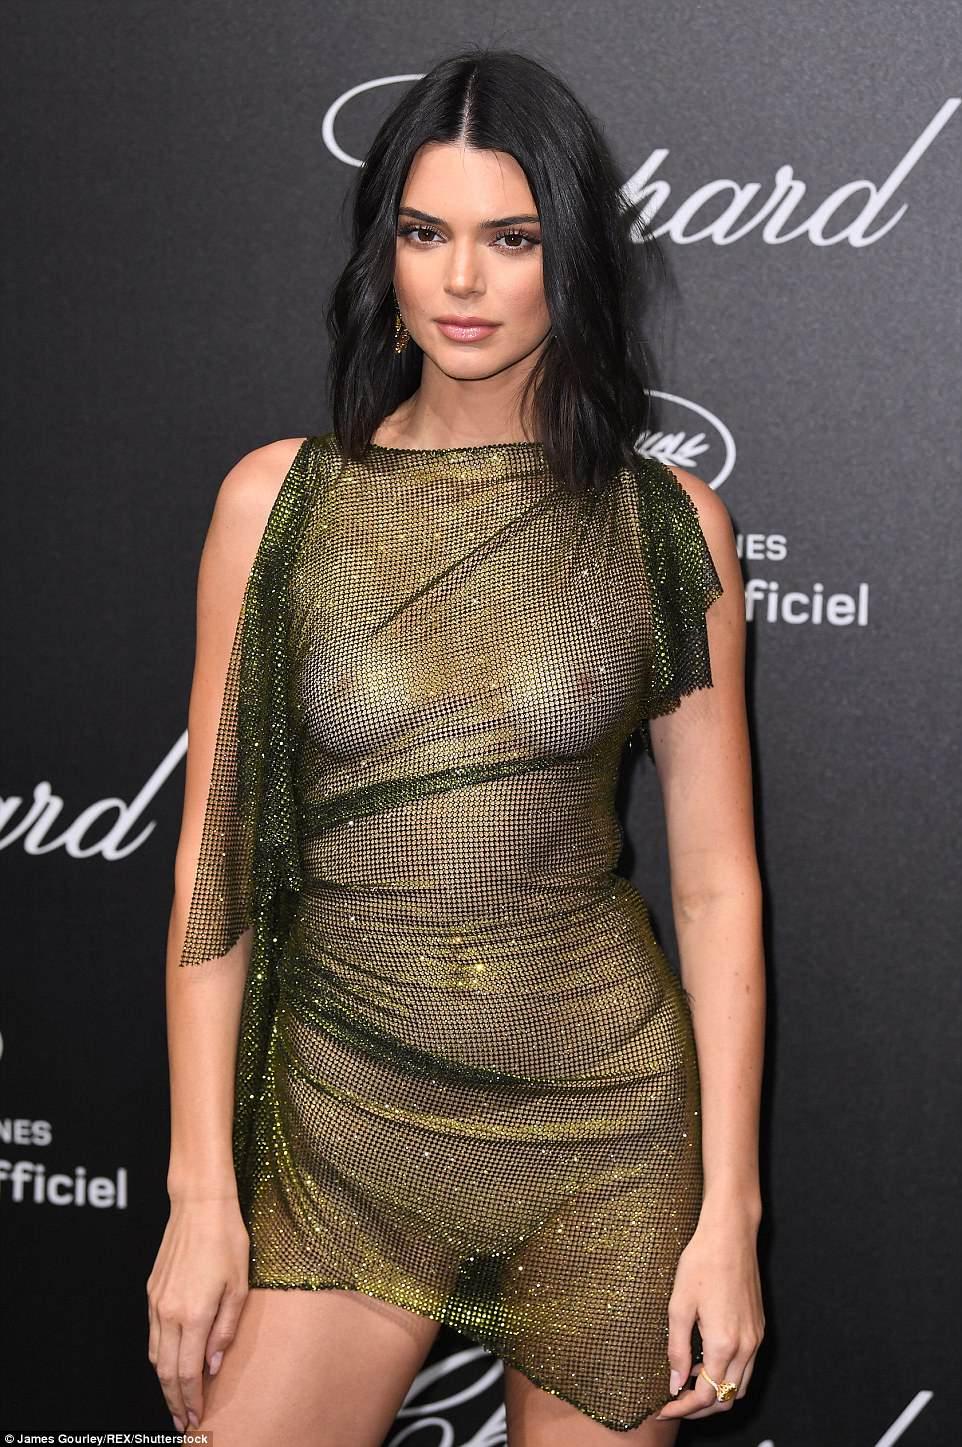 Кендалл Дженнер шокировала прозрачным платьем на голое тело — фото